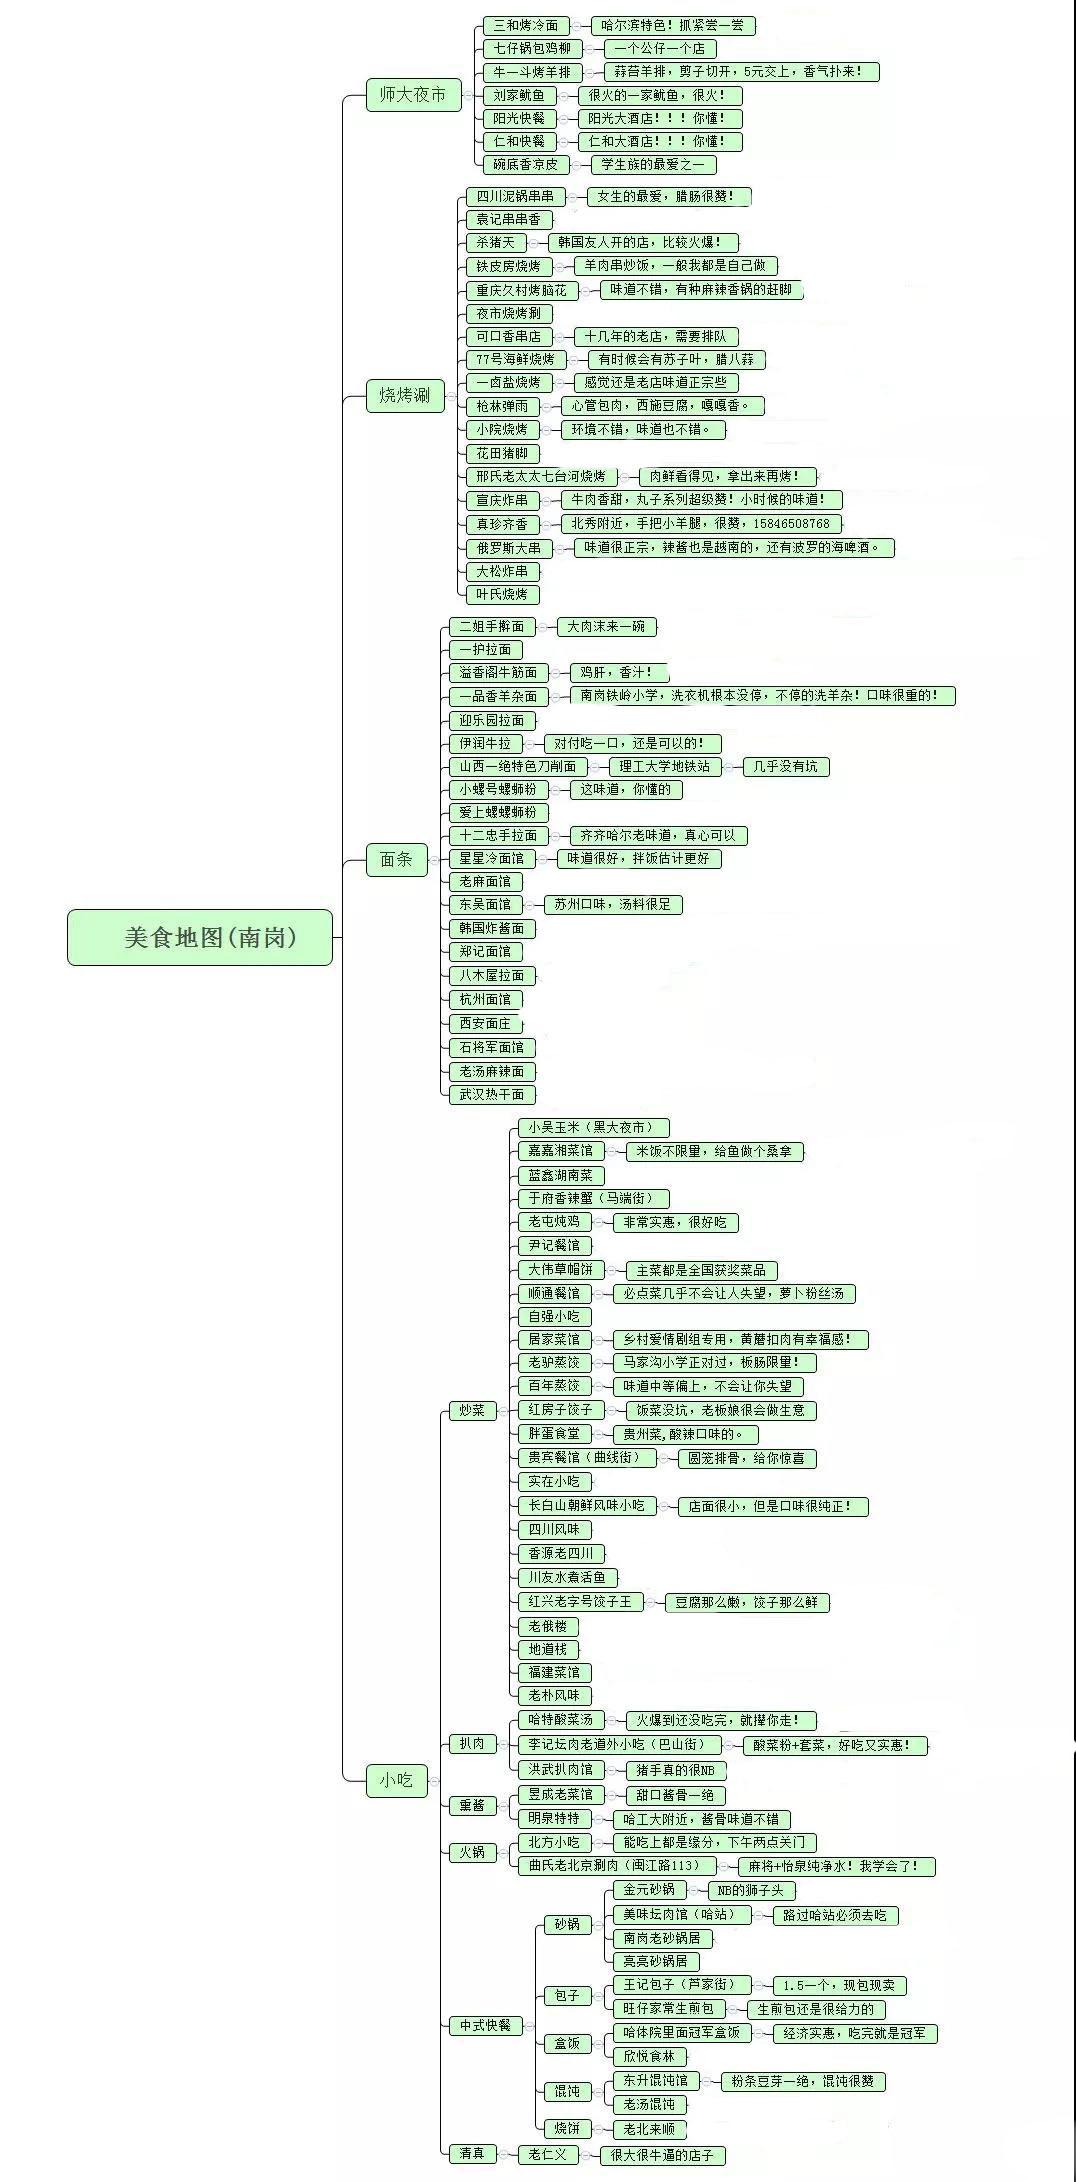 哈尔滨地图美食-南岗篇,90死神美食,v地图涮就占多家育谁美食图片